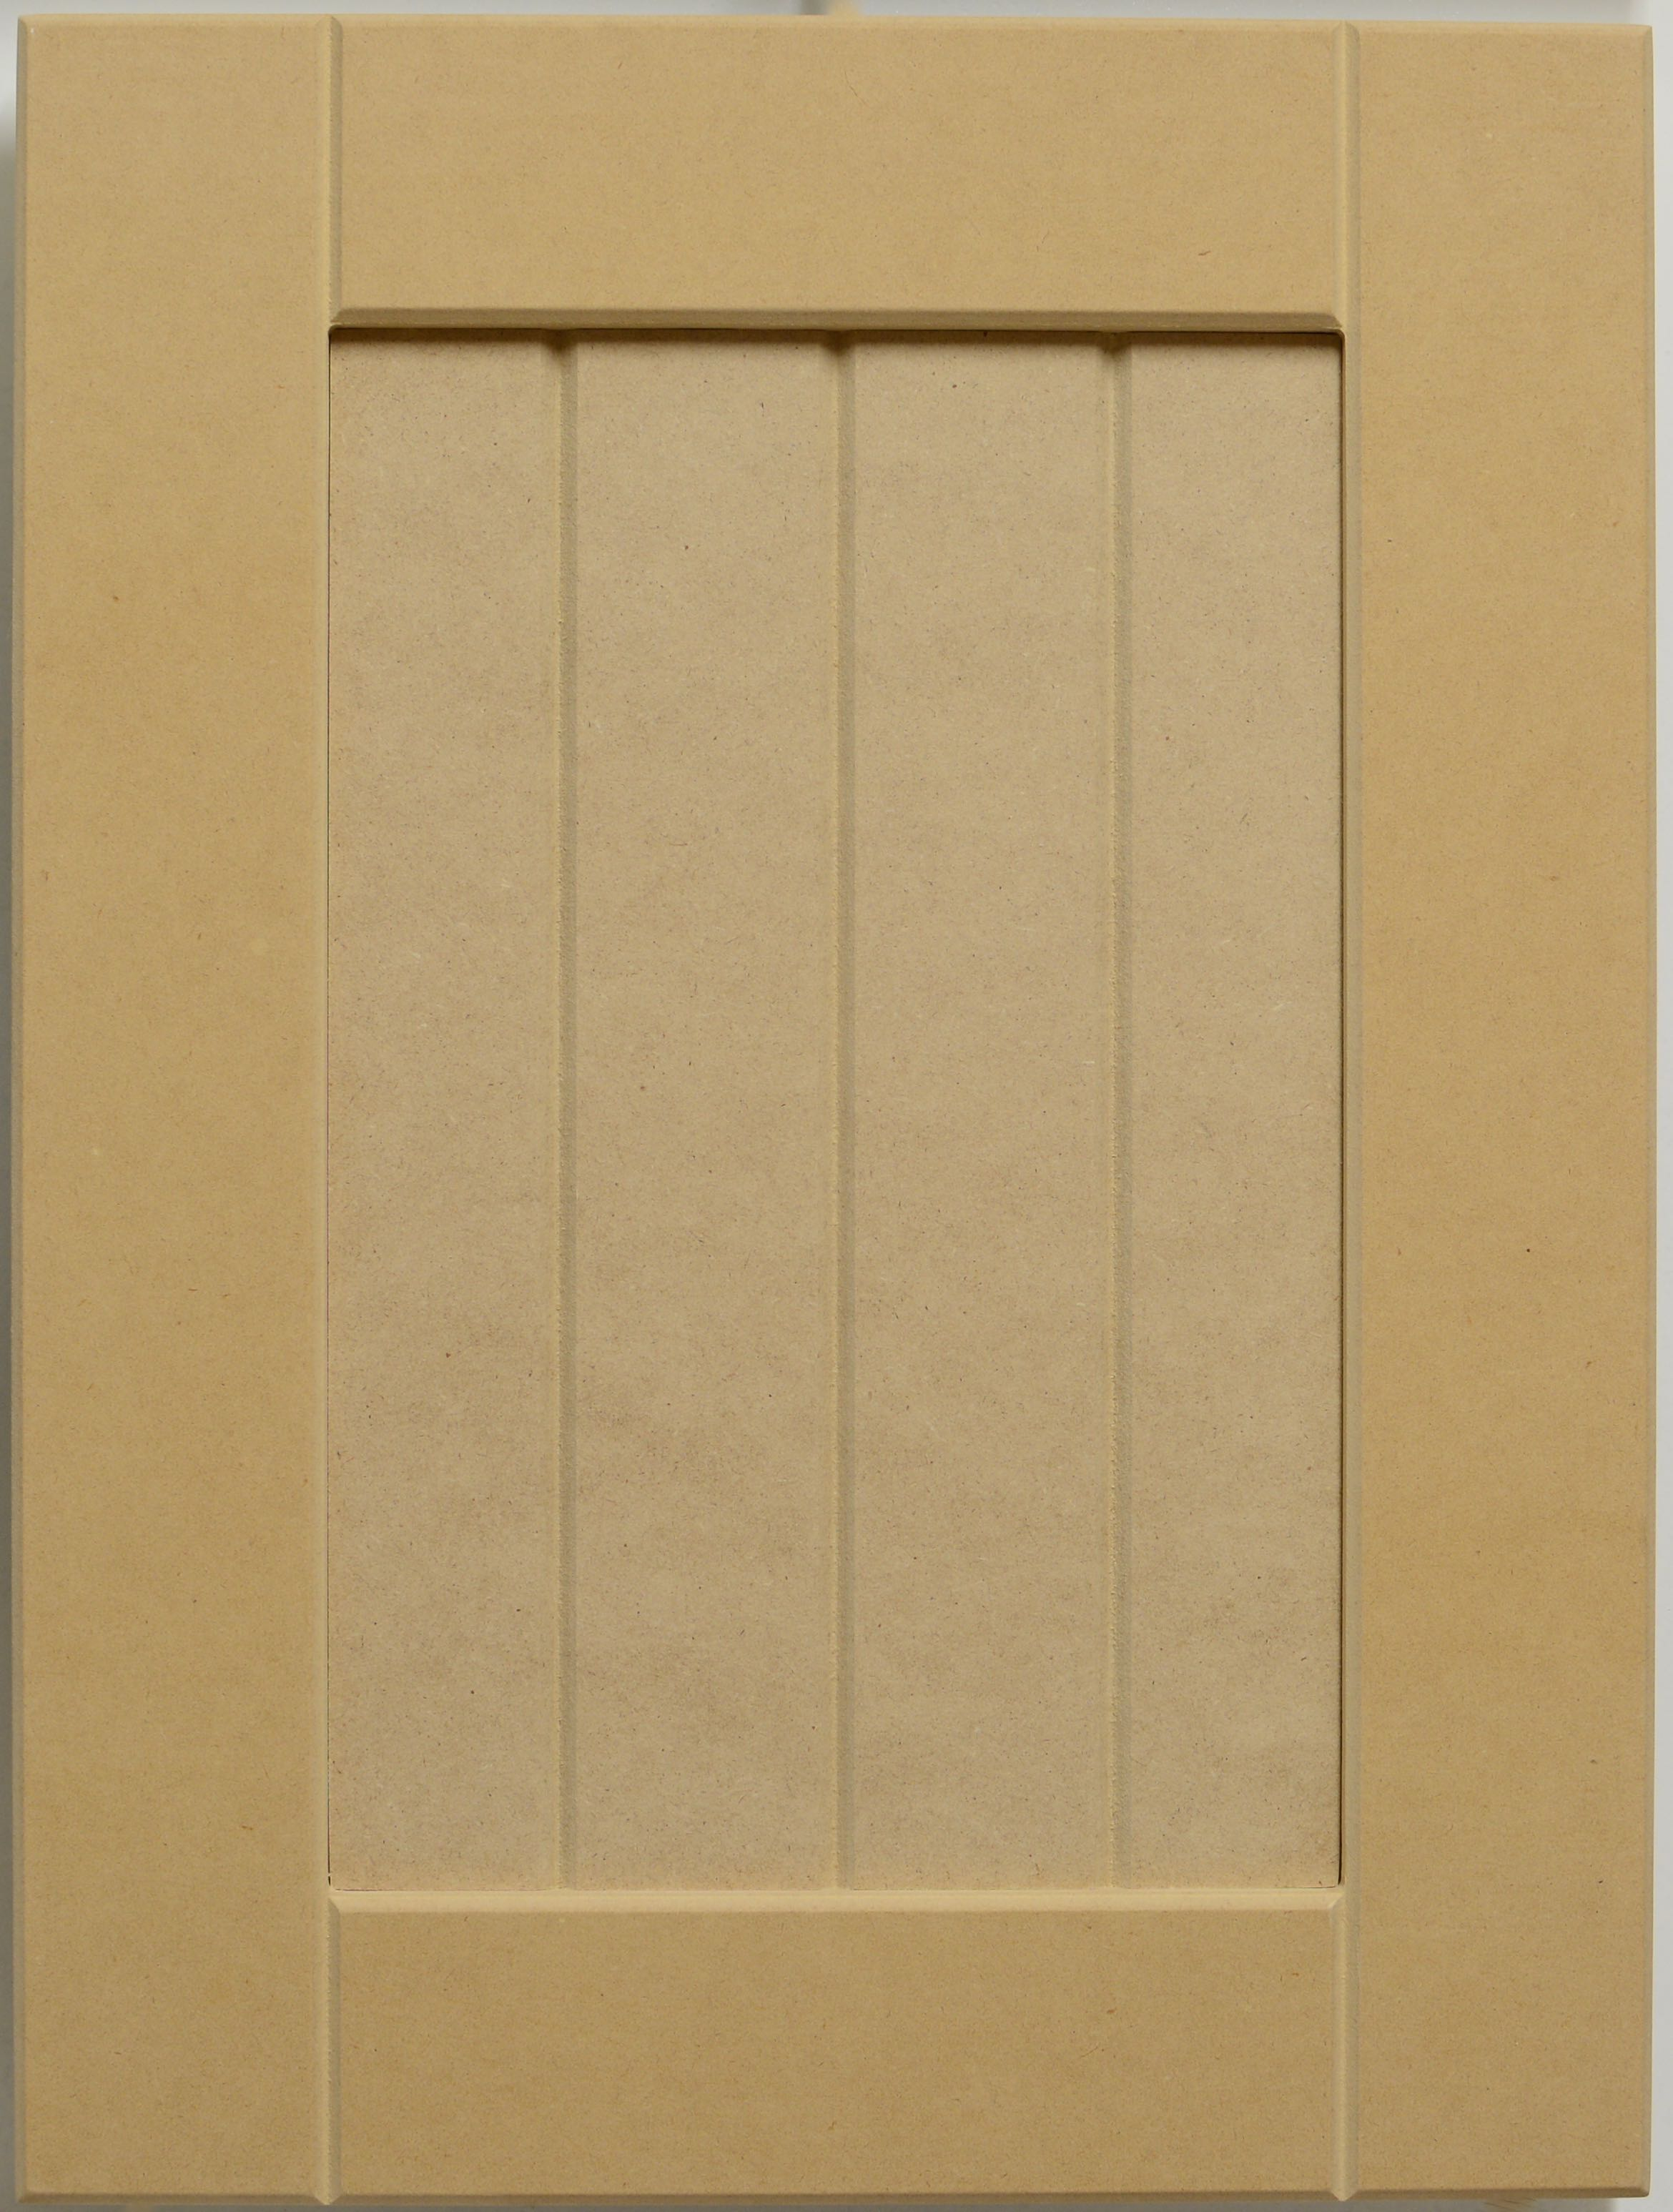 white mdf kitchen cabinet doors mdf kitchen cabinet doors MDF Kitchen Cabinet Door by Allstyle Cabinet Doors Mission